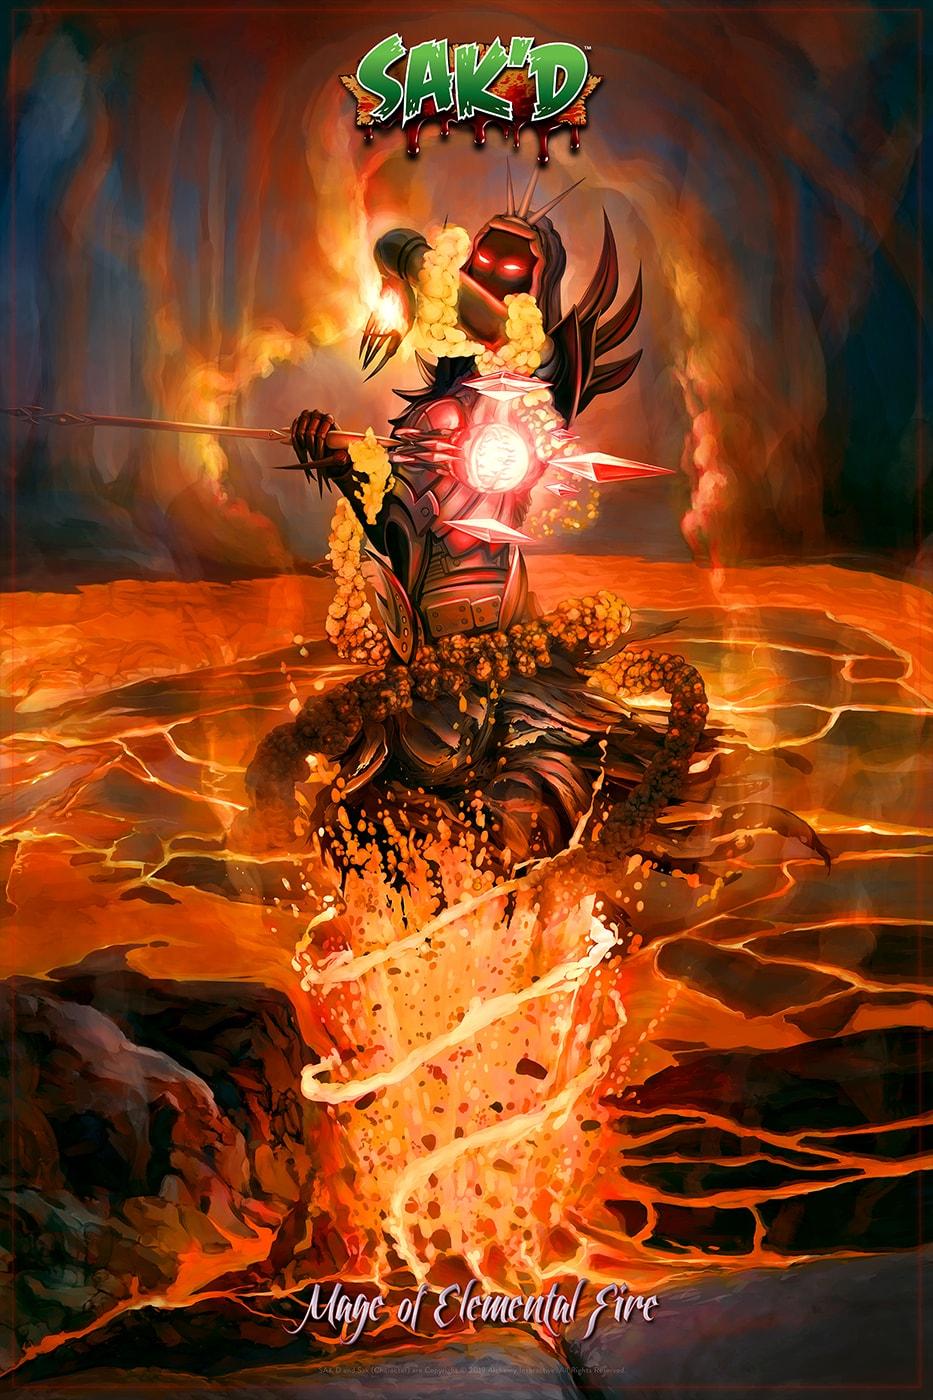 SAK'D - Dark Mage of Elemental Fire